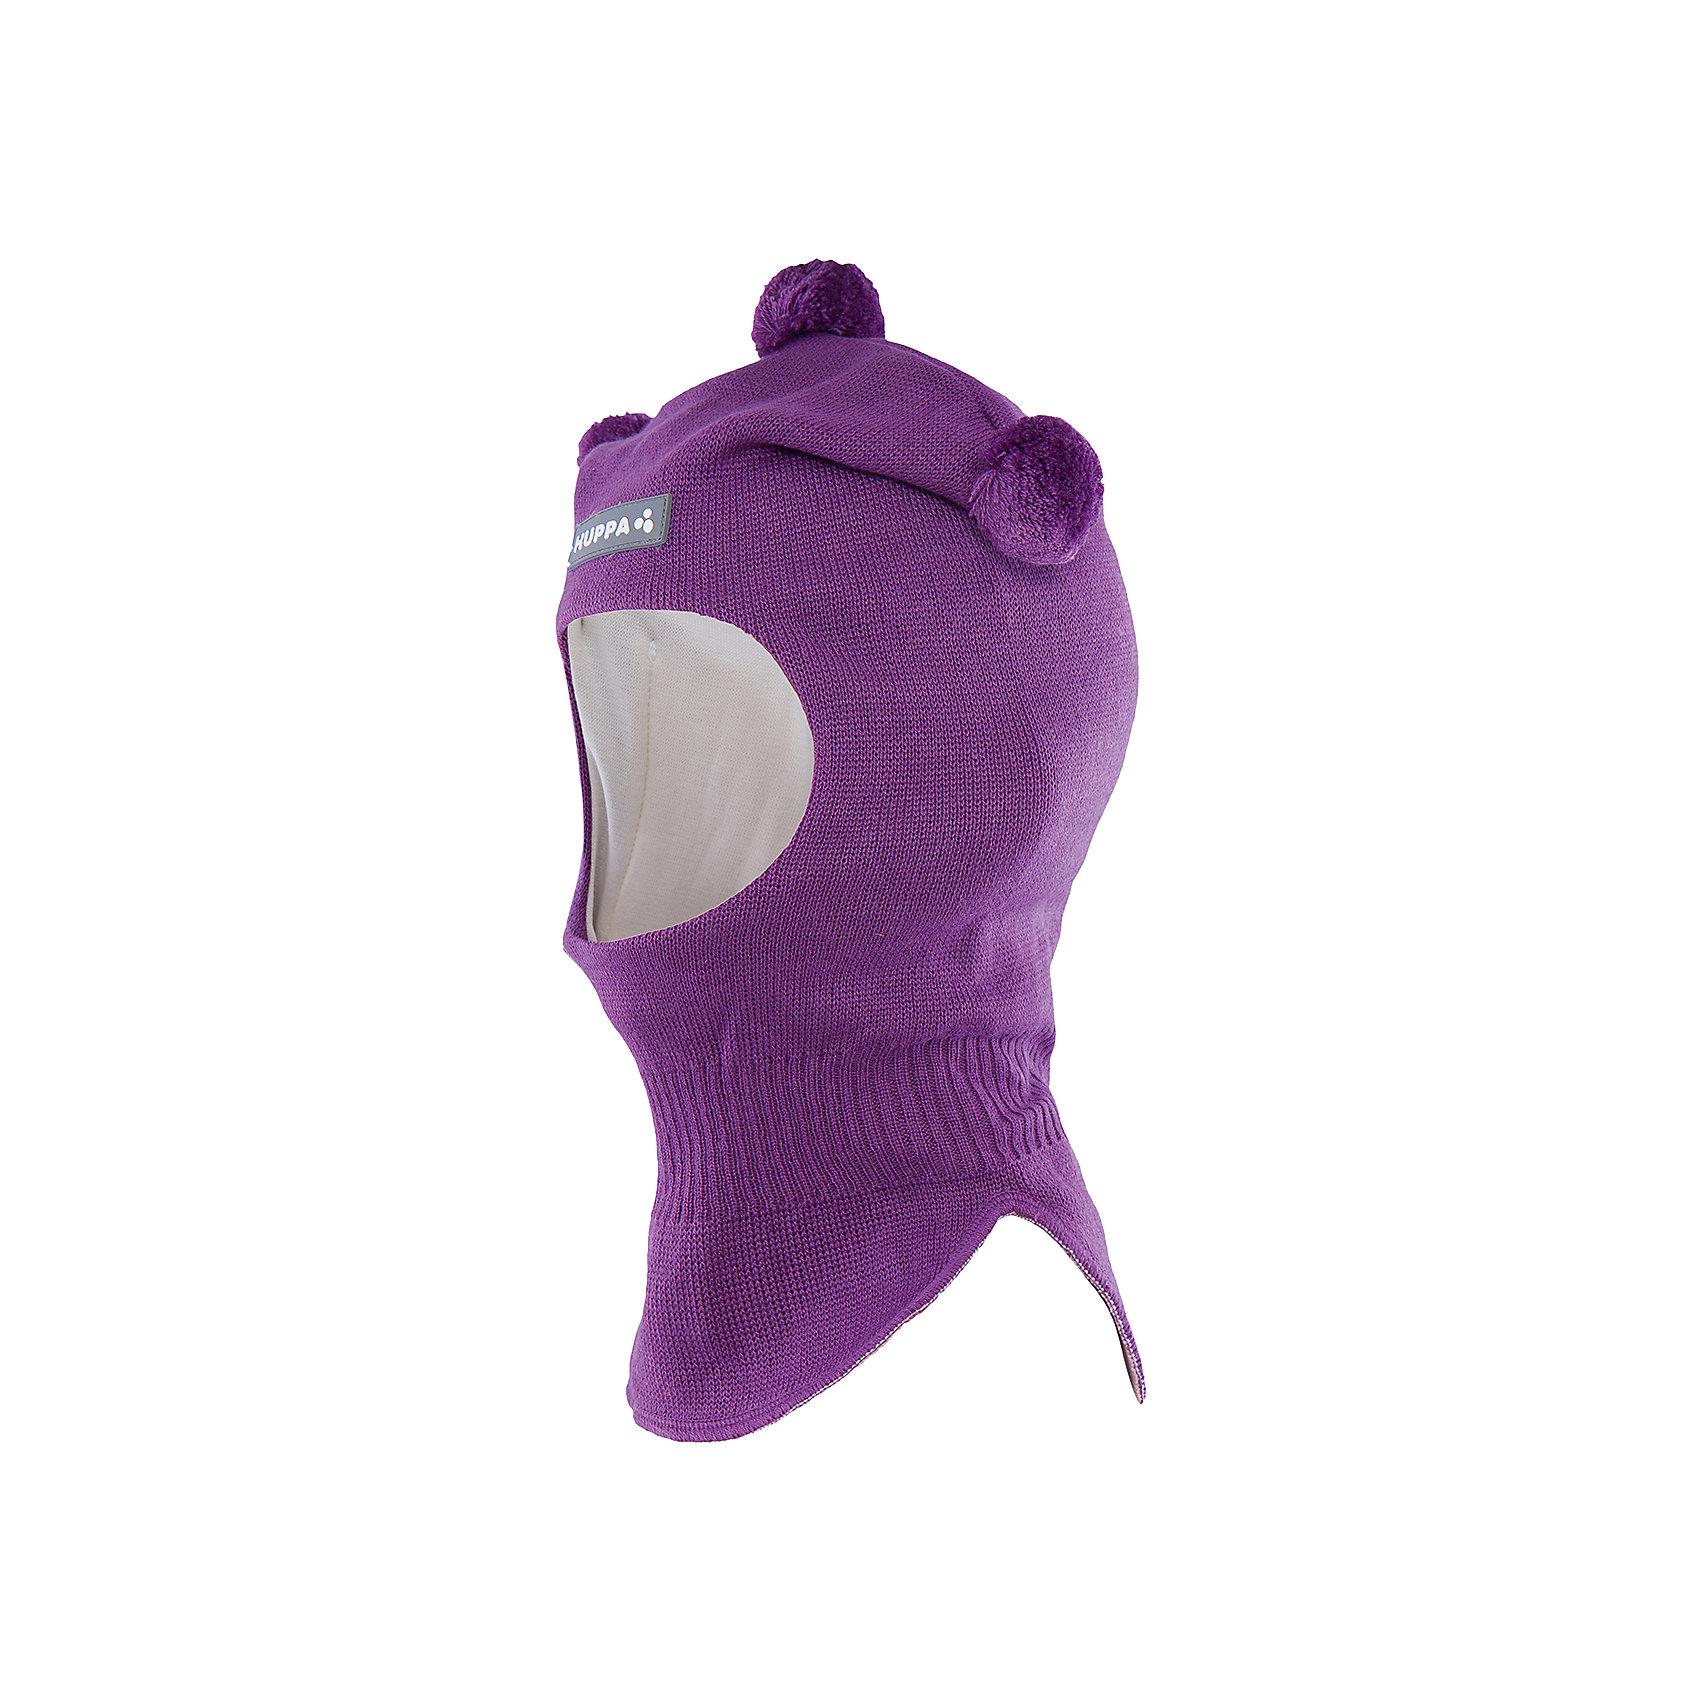 Шапка-шлем   HuppaШапочки<br>Шапка-шлем COCO Huppa(Хуппа) отлично подойдет для холодной зимы. Она идеально защитит голову, шею и уши ребенка от холода и ветра. В области шеи есть удобная широкая резинка для максимальной защиты от мороза. Шапка украшена тремя помпонами. Прекрасный вариант для долгих прогулок.<br><br>Дополнительная информация:<br>Материал: 50% шерсть мериноса, 50% акрил<br>Подкладка: хлопок<br>Цвет: лиловый<br><br>Шапку-шлем  Huppa(Хуппа) можно приобрести в нашем интернет-магазине.<br><br>Ширина мм: 89<br>Глубина мм: 117<br>Высота мм: 44<br>Вес г: 155<br>Цвет: фиолетовый<br>Возраст от месяцев: 9<br>Возраст до месяцев: 12<br>Пол: Женский<br>Возраст: Детский<br>Размер: 43-45,51-53,47-49<br>SKU: 4923874